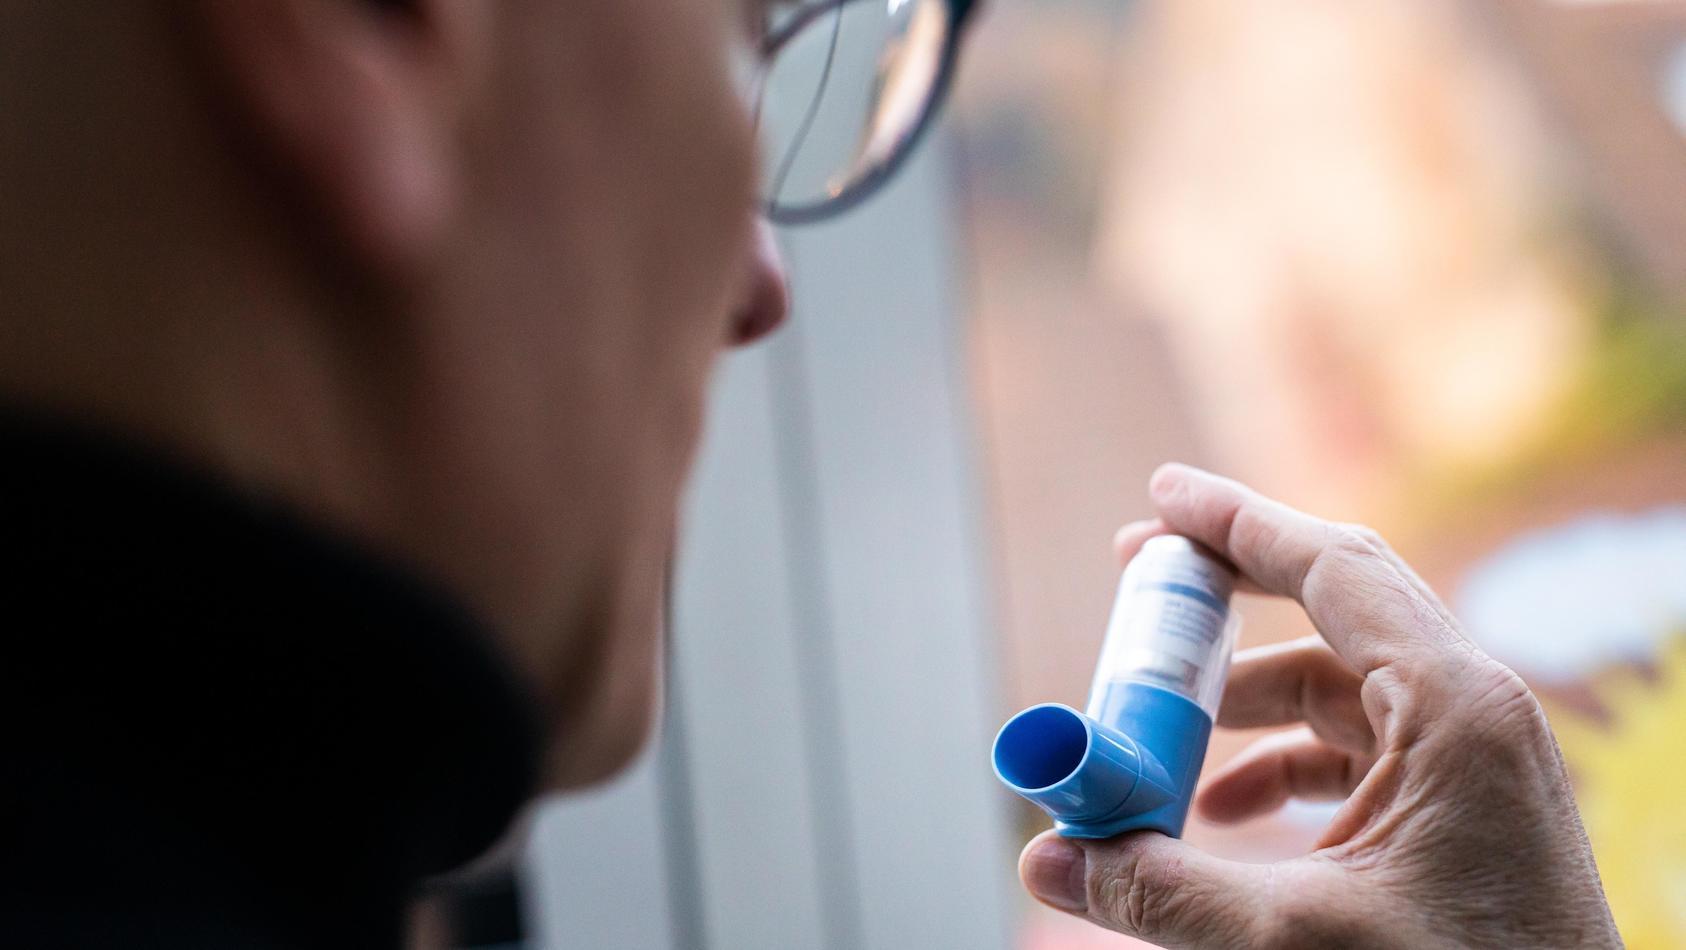 Laut der Deutschen Gesellschaft für Pneumologie und Beatmungsmedizin sind Patienten mit chronischem Asthma nicht von einem erhöhten Risiko betroffen, einen schweren Krankheitsverlauf bei einer Corona-Infektion zu erleiden.